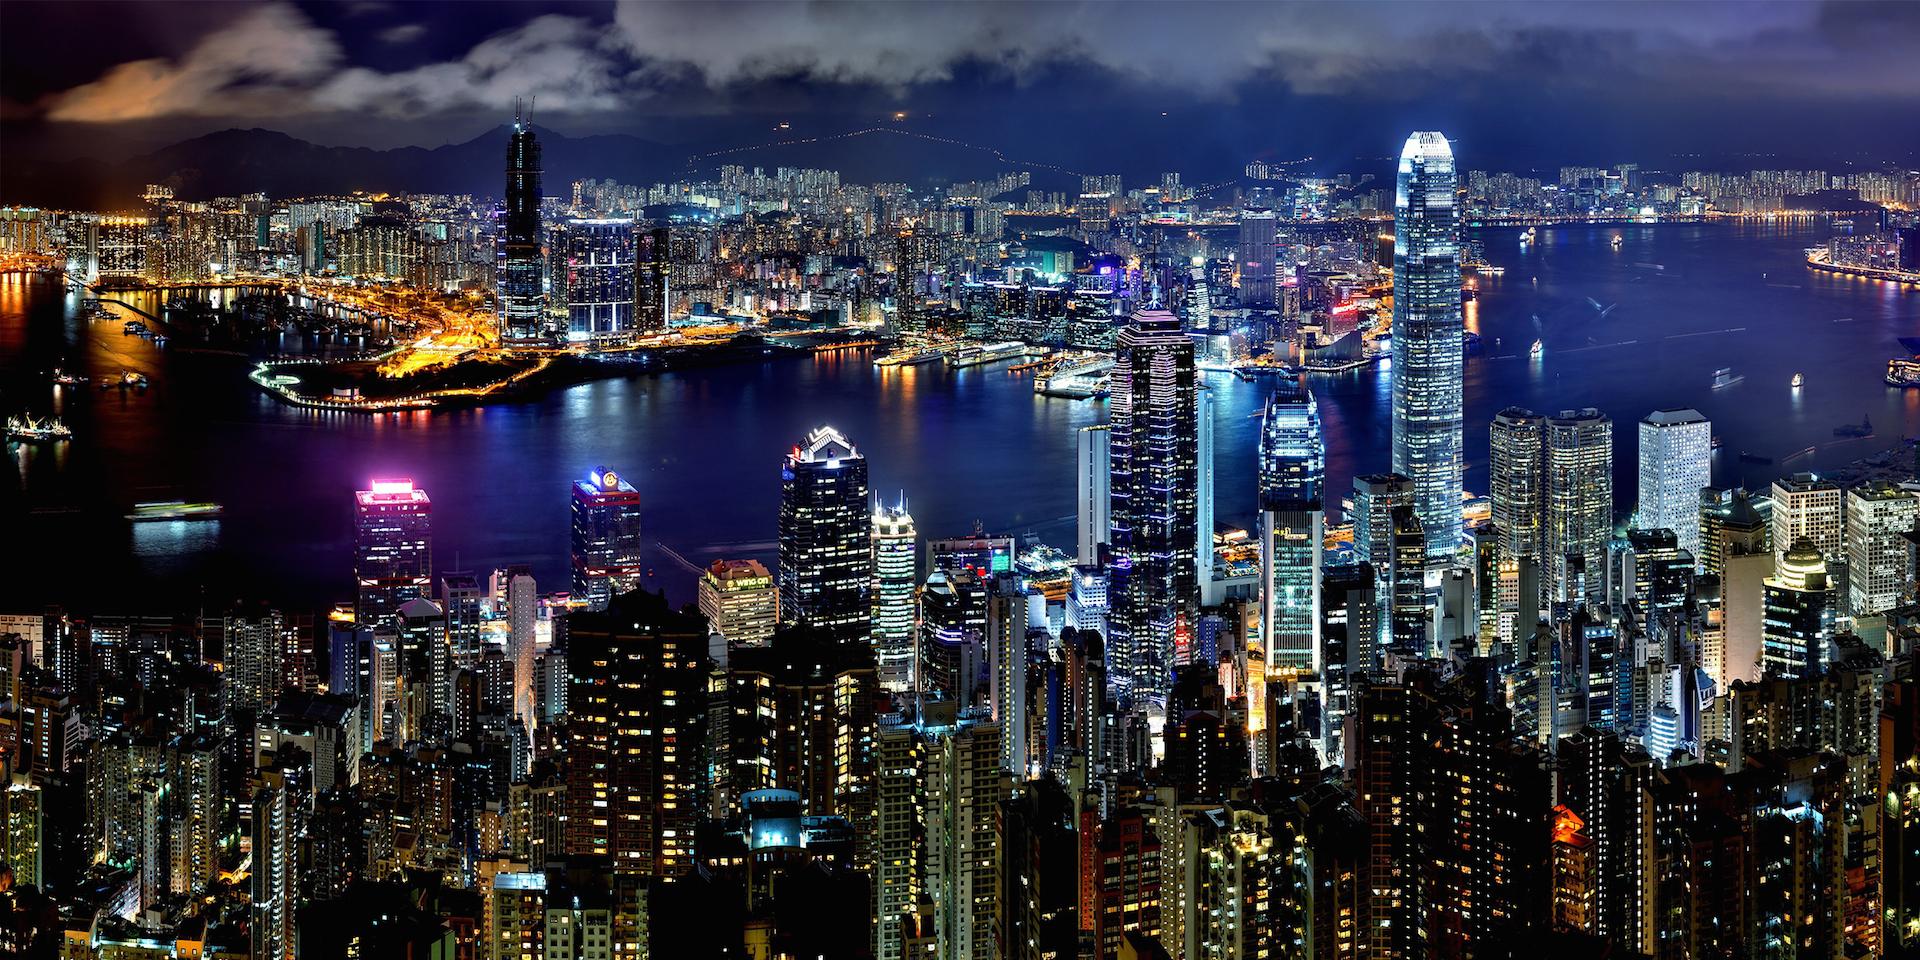 Skyline de Hong Kong. Hormis des épisodes historiques uniques, la très grande majorité des pays asiatiques ont échappé à la malédiction du choc économique brutal (Source : Yampu.com)